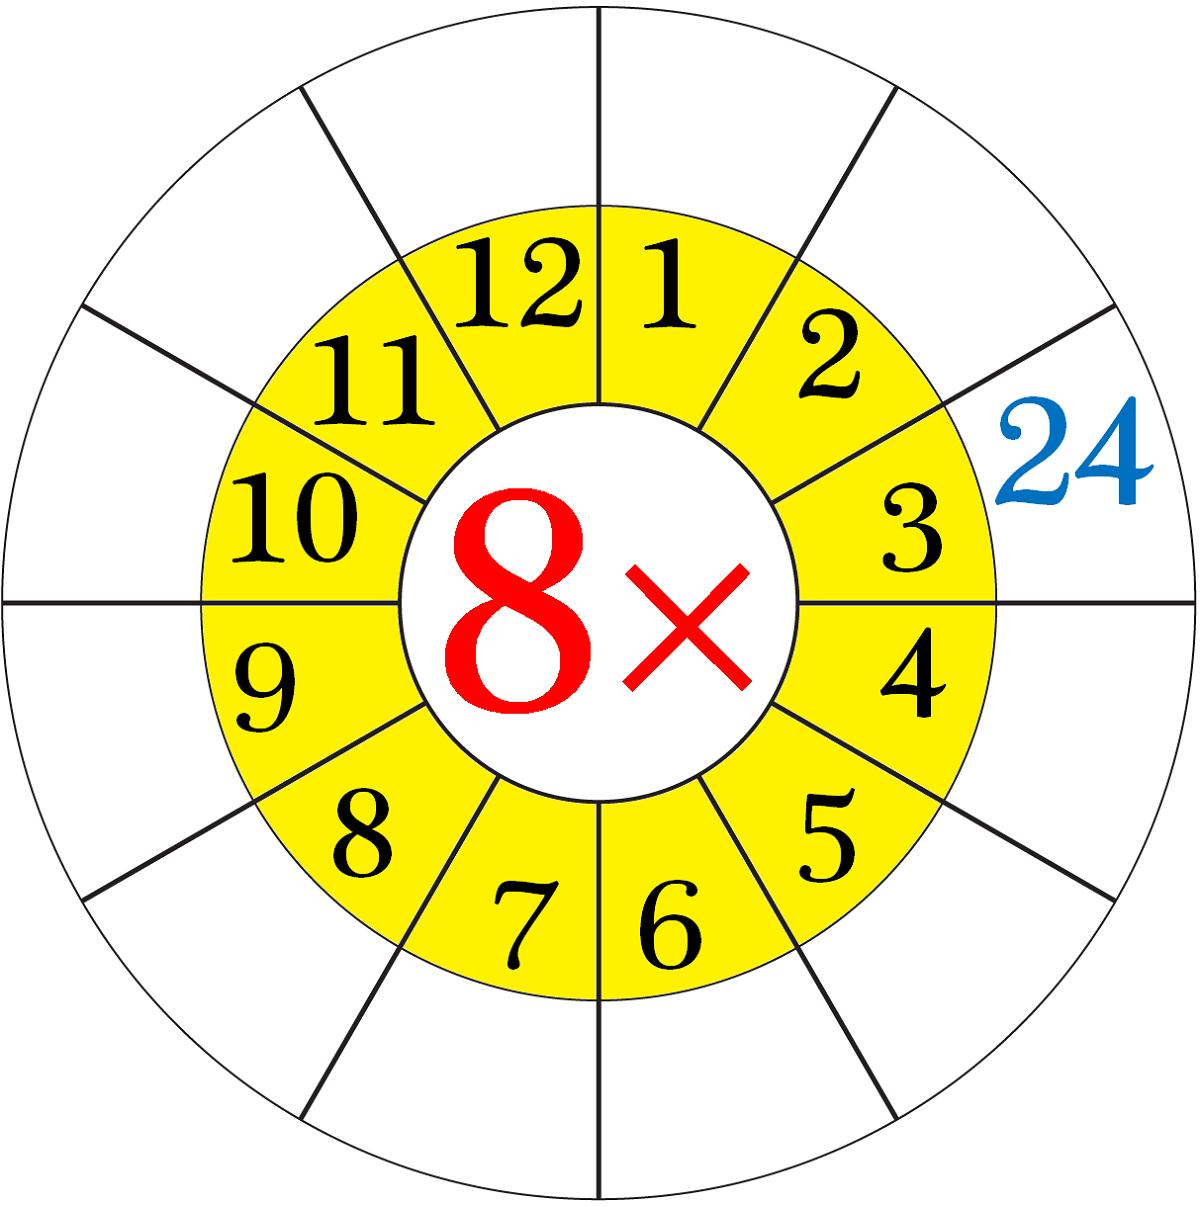 8 Times Table Worksheet Simple